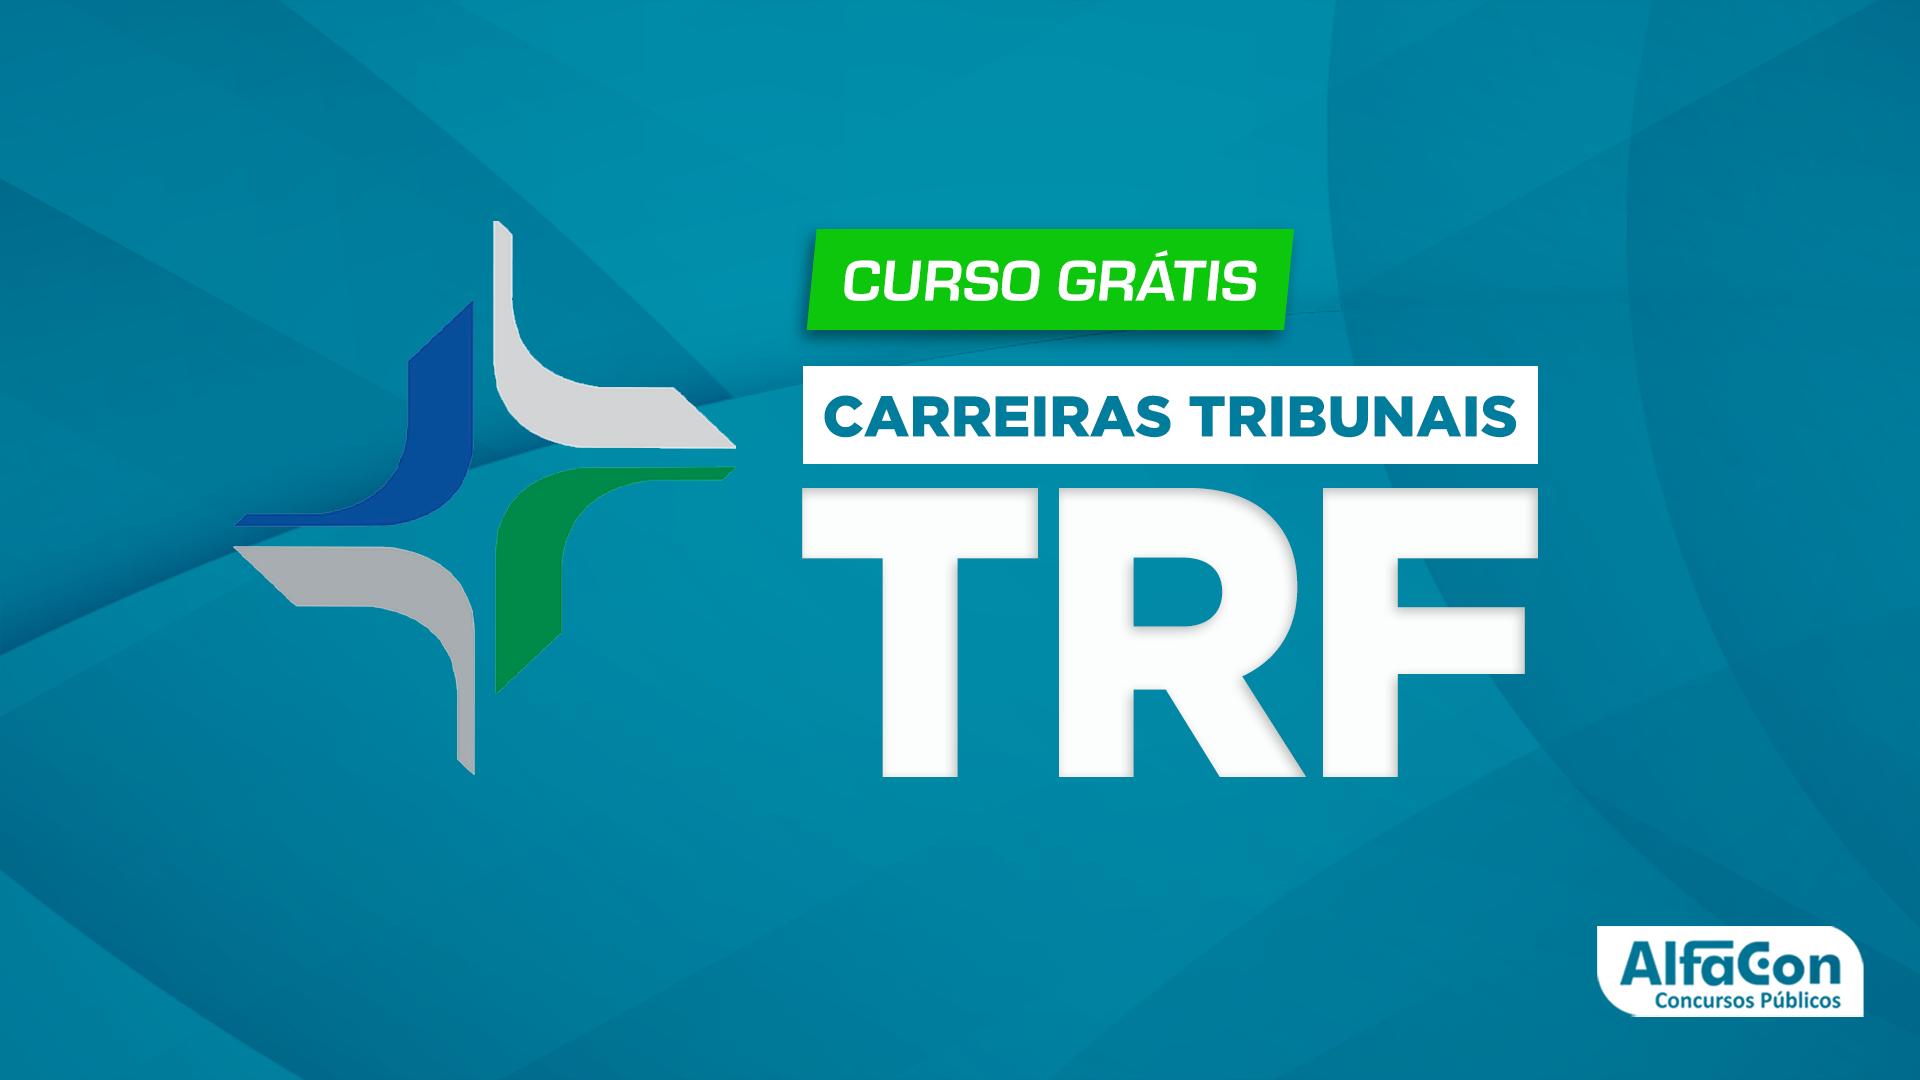 Analista Judiciário da Área Judiciária do Tribunal Regional da 4º Região - TRF 4 GRATUITO